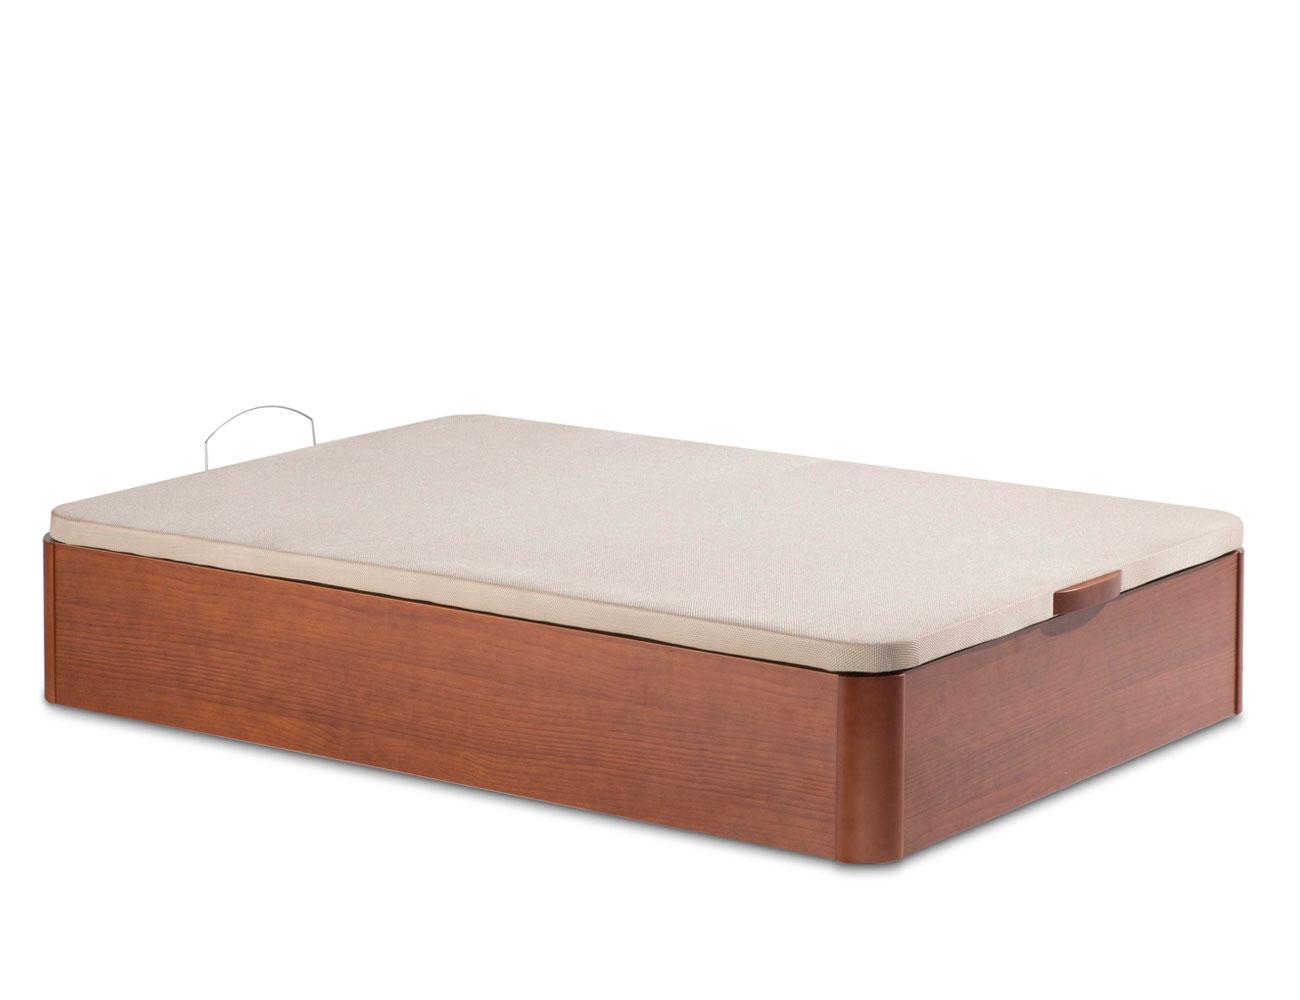 Canape madera base 3d 7320